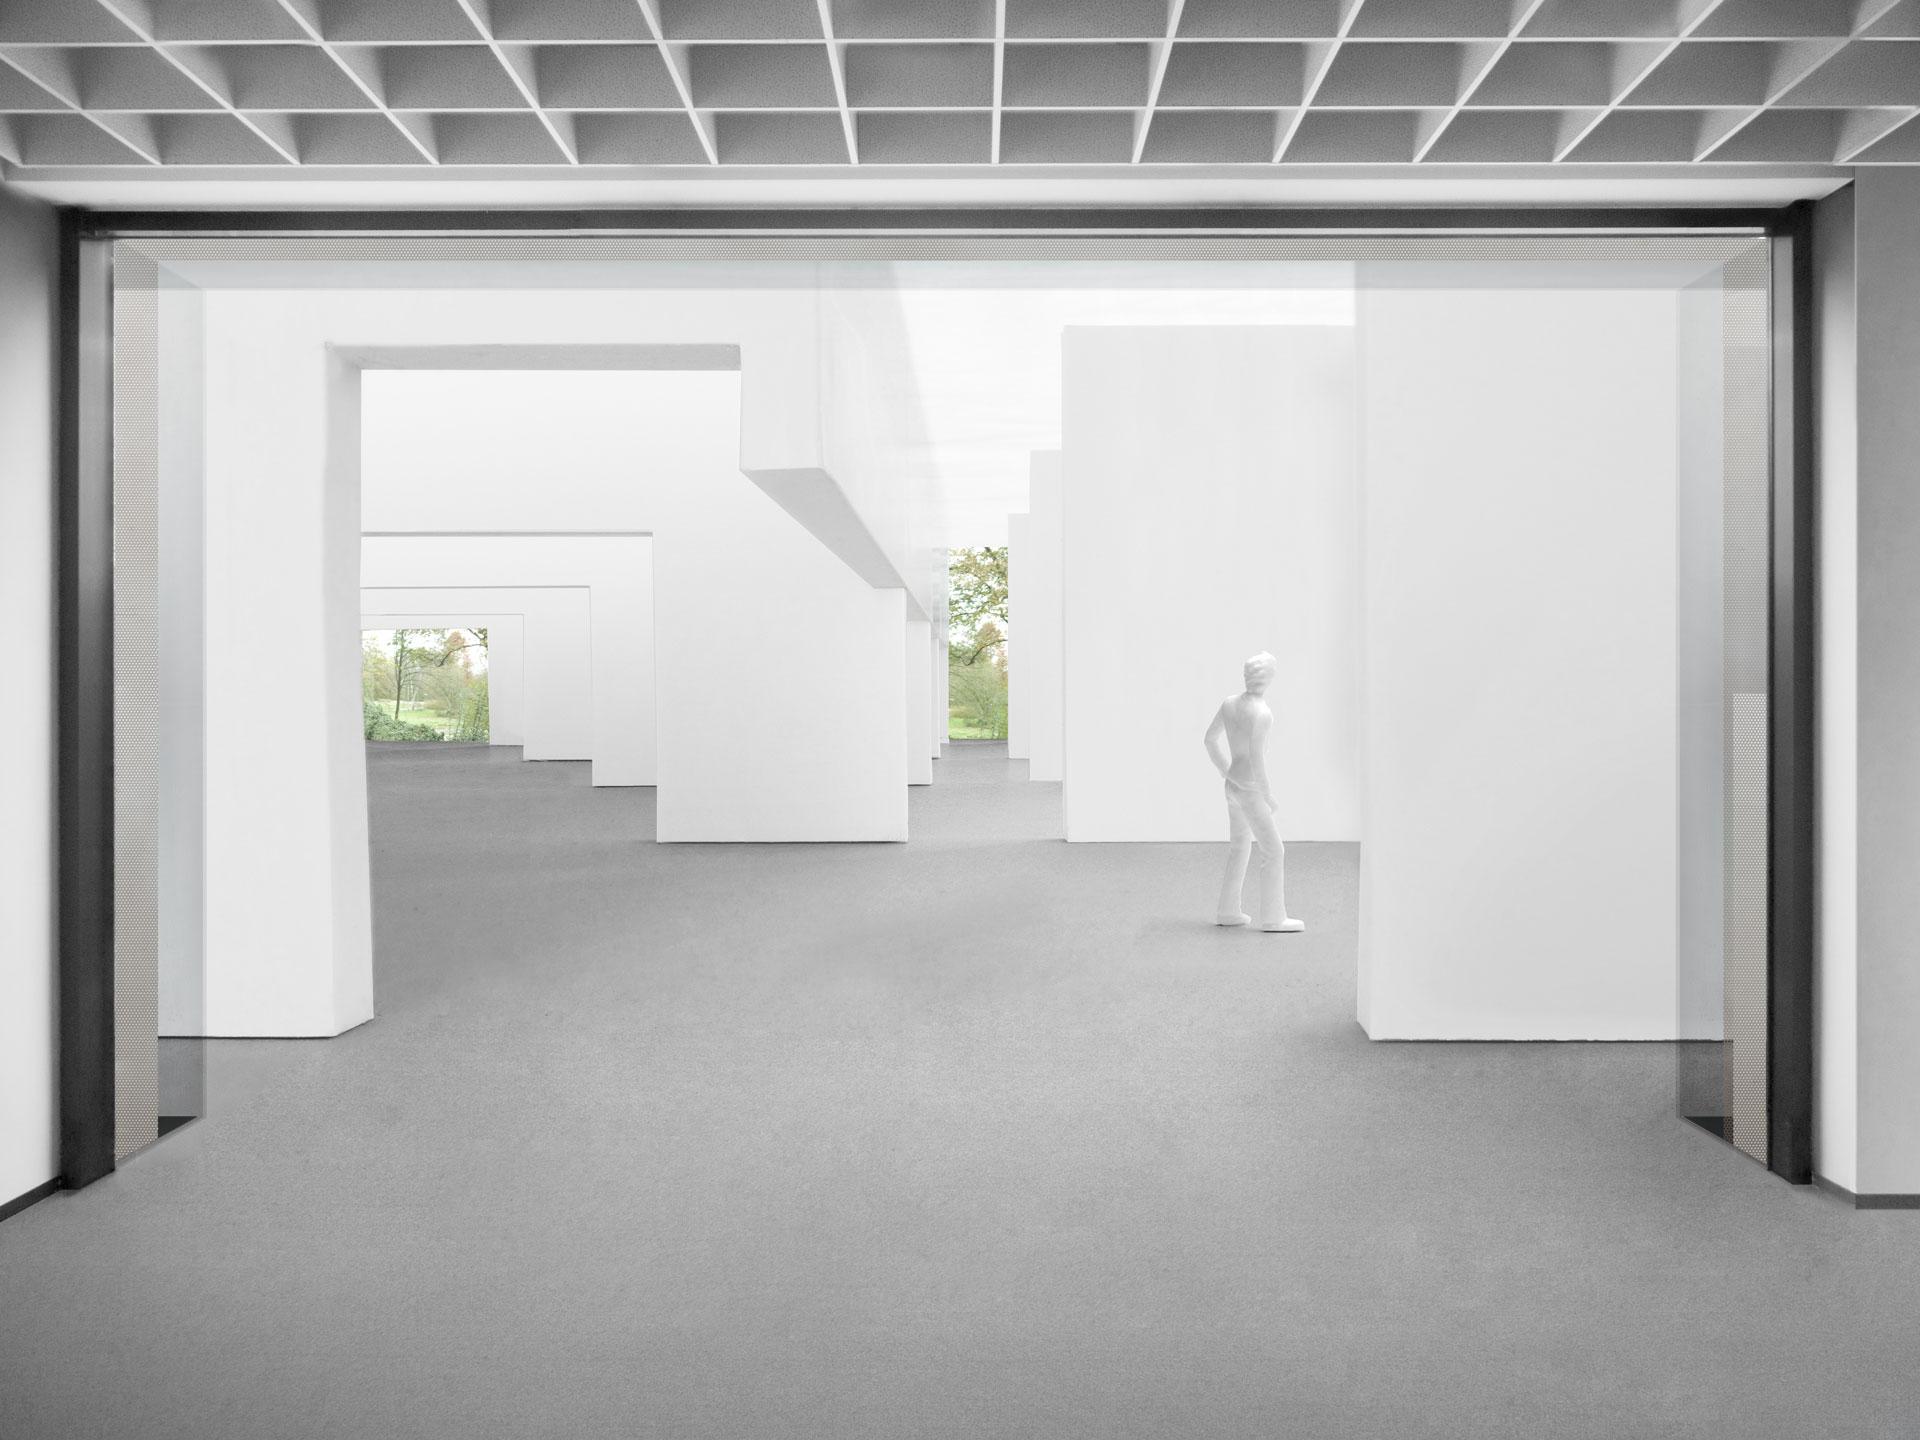 Wandscheiben bilden die Ausstellungsräume und werden von den Achsen durchbrochen